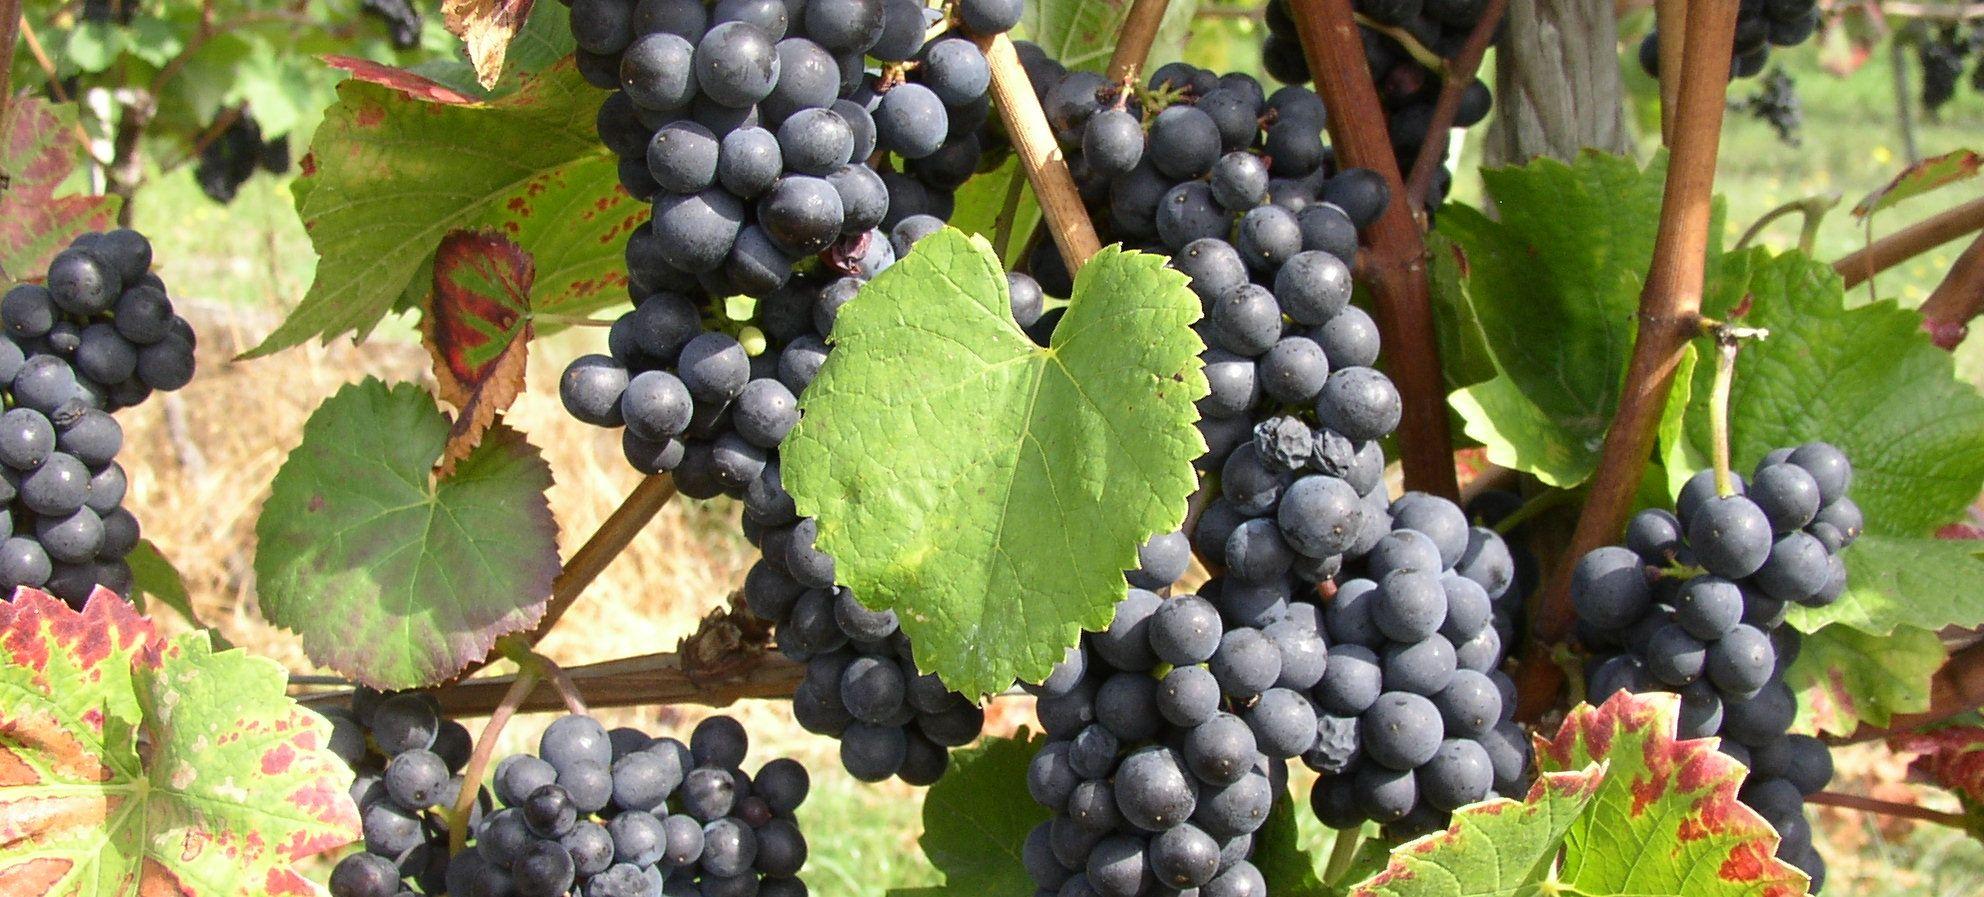 Weingut-Kiefer-Ortenberg-Wein-Erlesen-kaufen-Weintrauben-rot